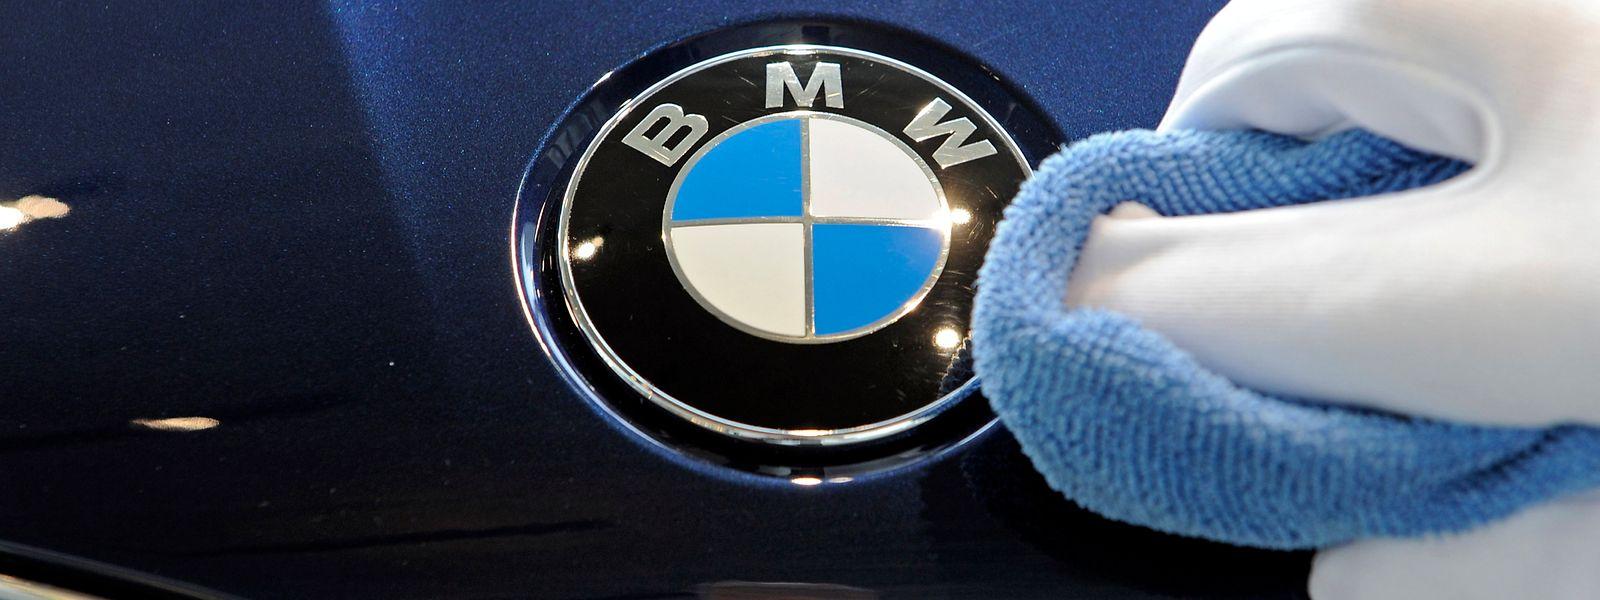 Zwei BMW-Mitarbeiter, die mit Jean-Jacques K. Geschäfte gemacht hatten, sagten am Freitag als Zeugen aus.